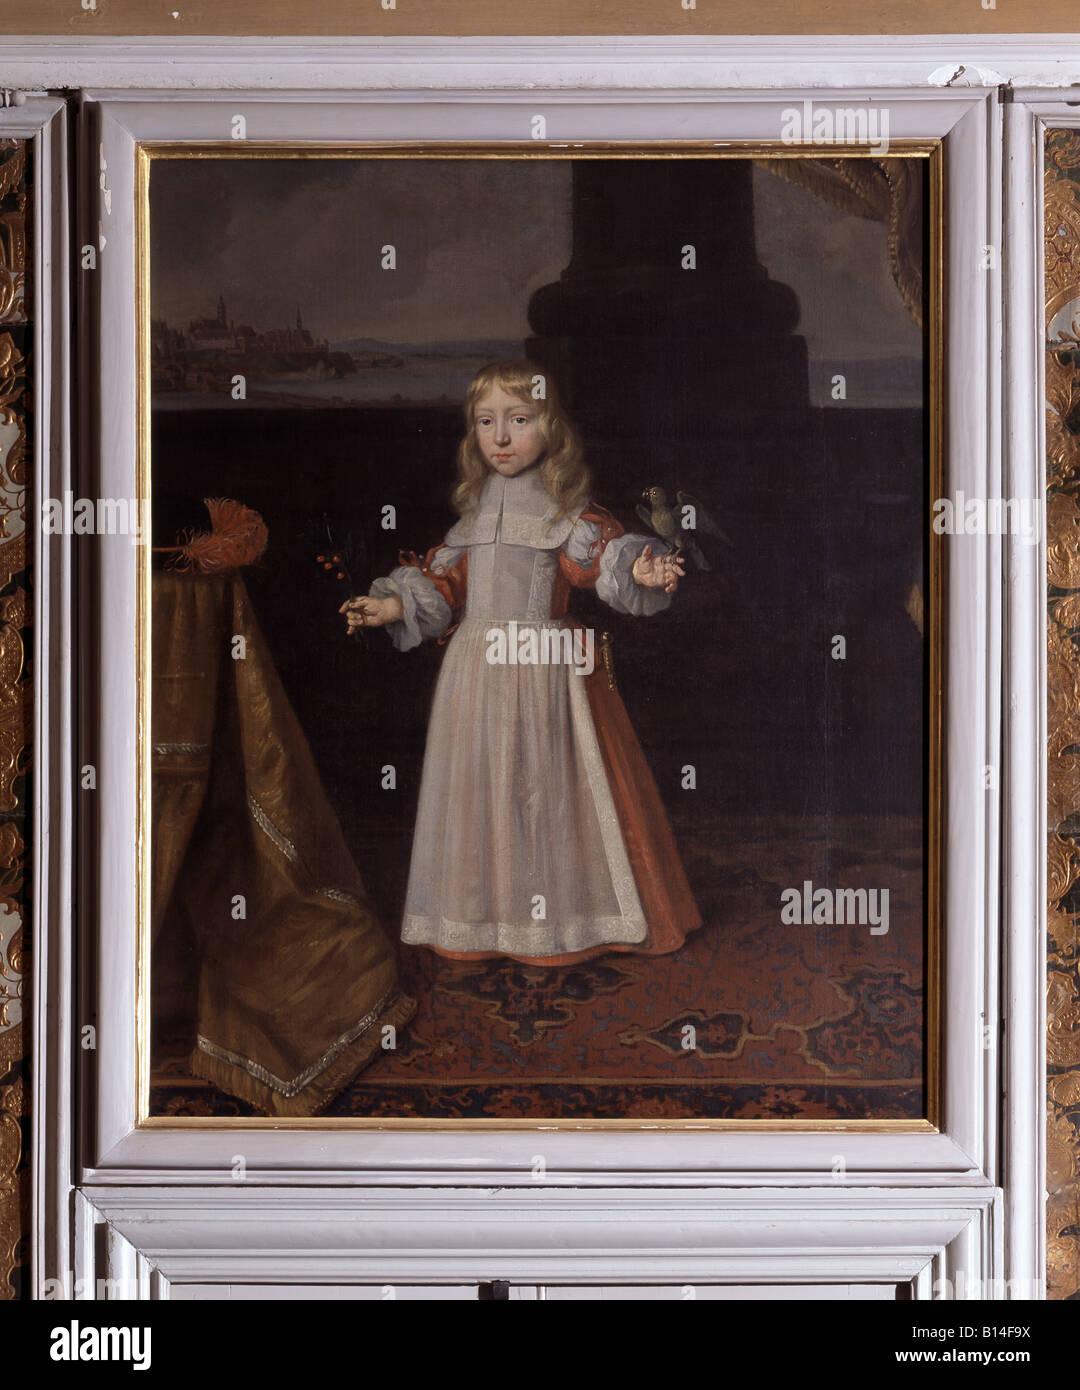 Brühl, Schloß Augustusburg, Blaues Winterappartement, Kinderportrait über der Türe, Pfalzgraf von Neuburg Stock Photo